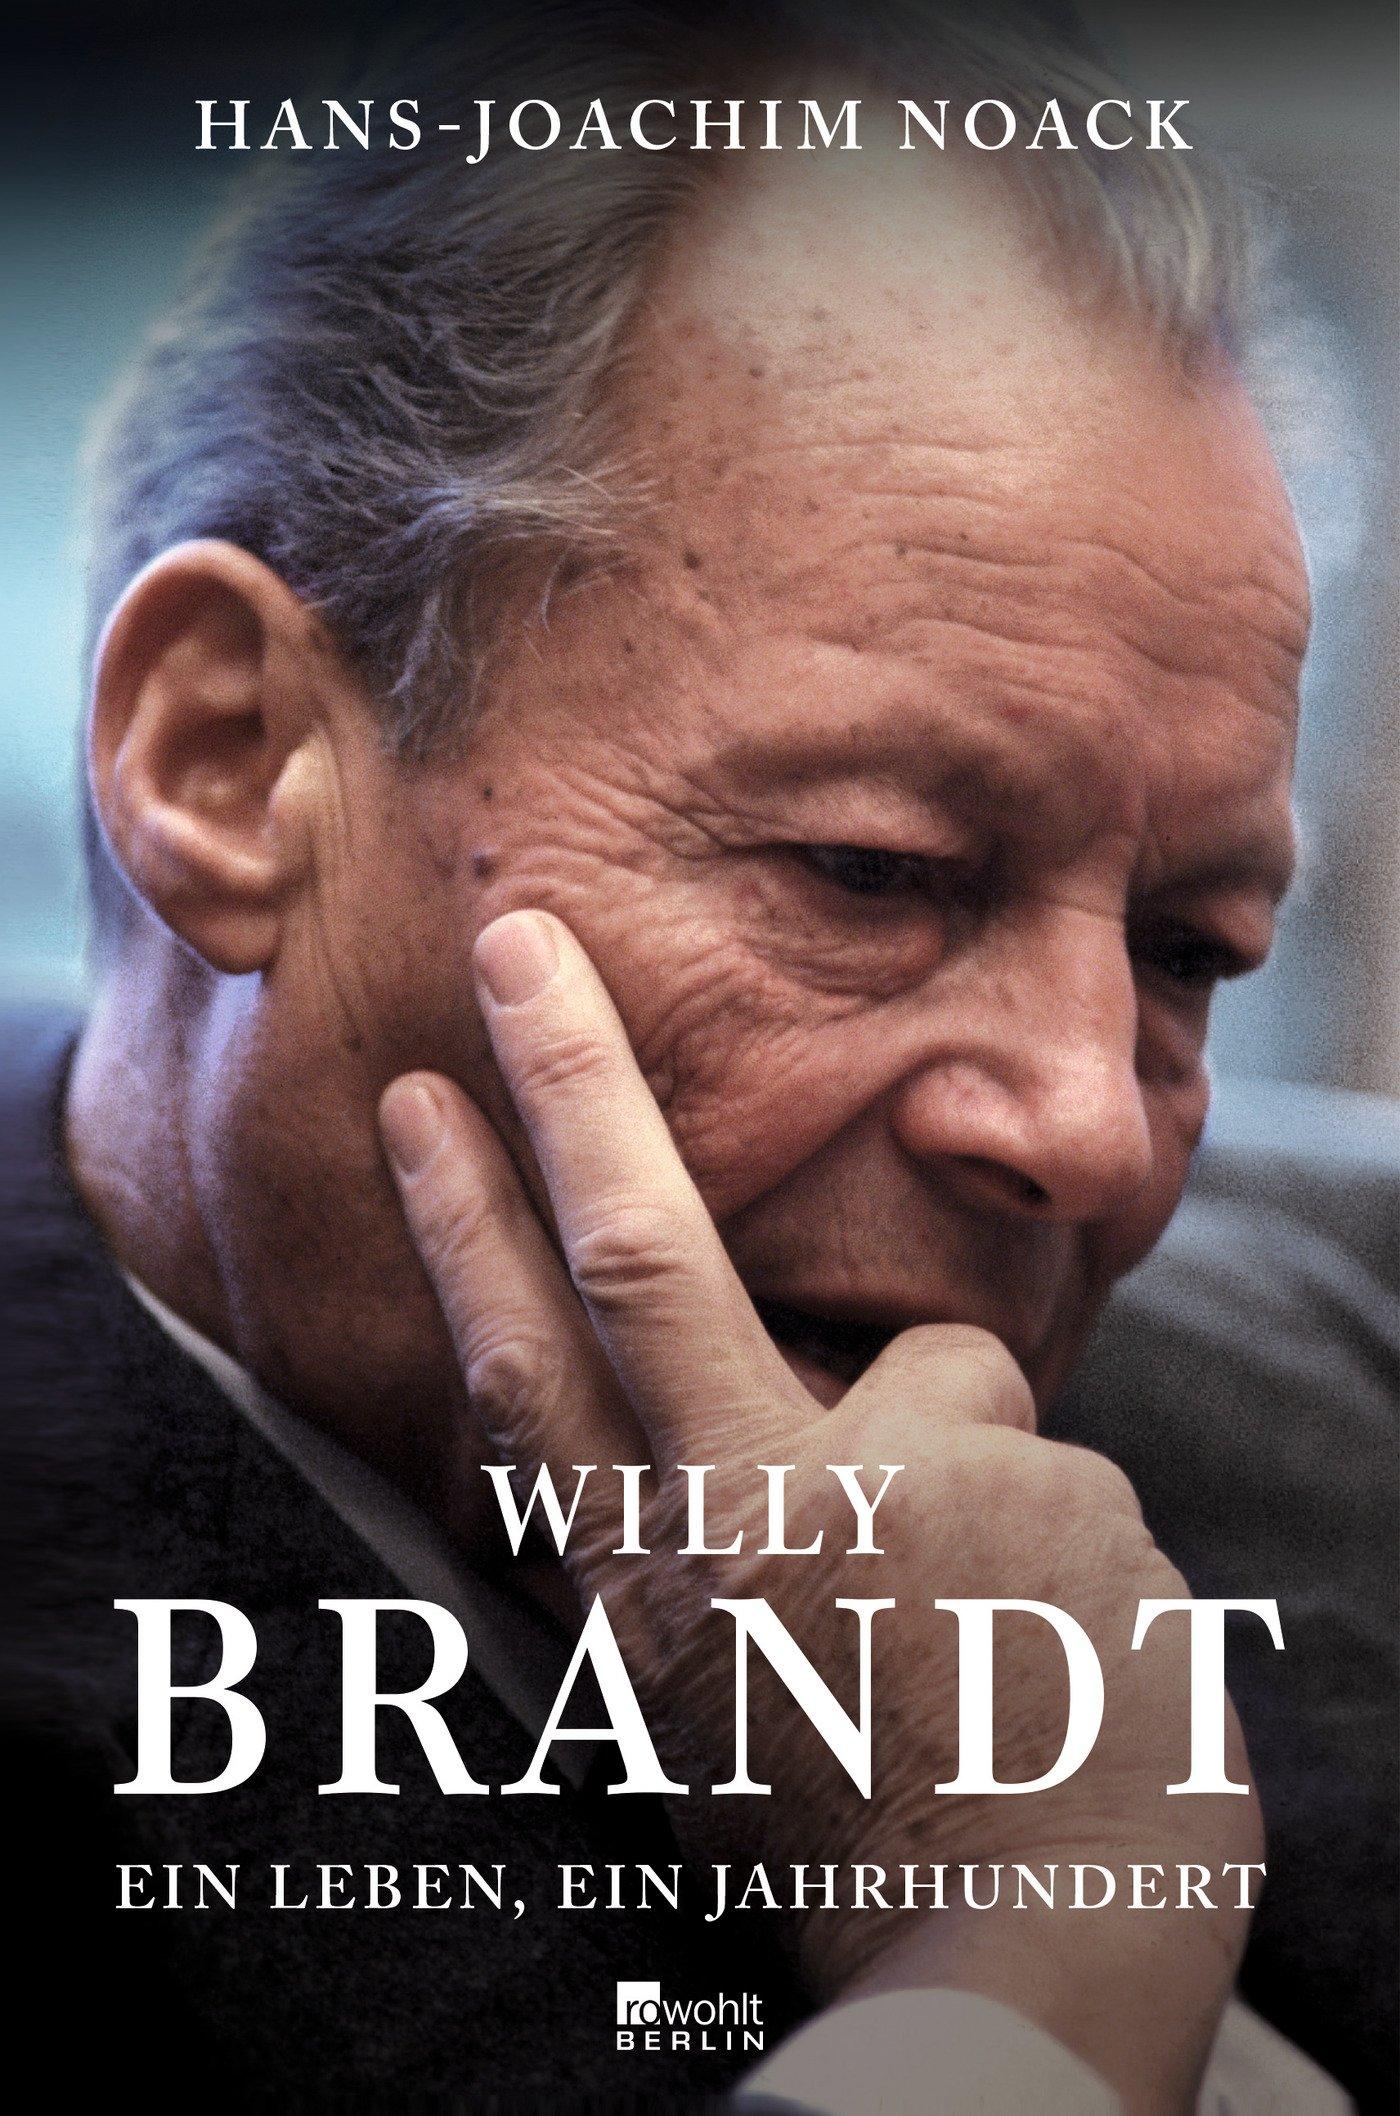 Willy Brandt: Ein Leben, ein Jahrhundert